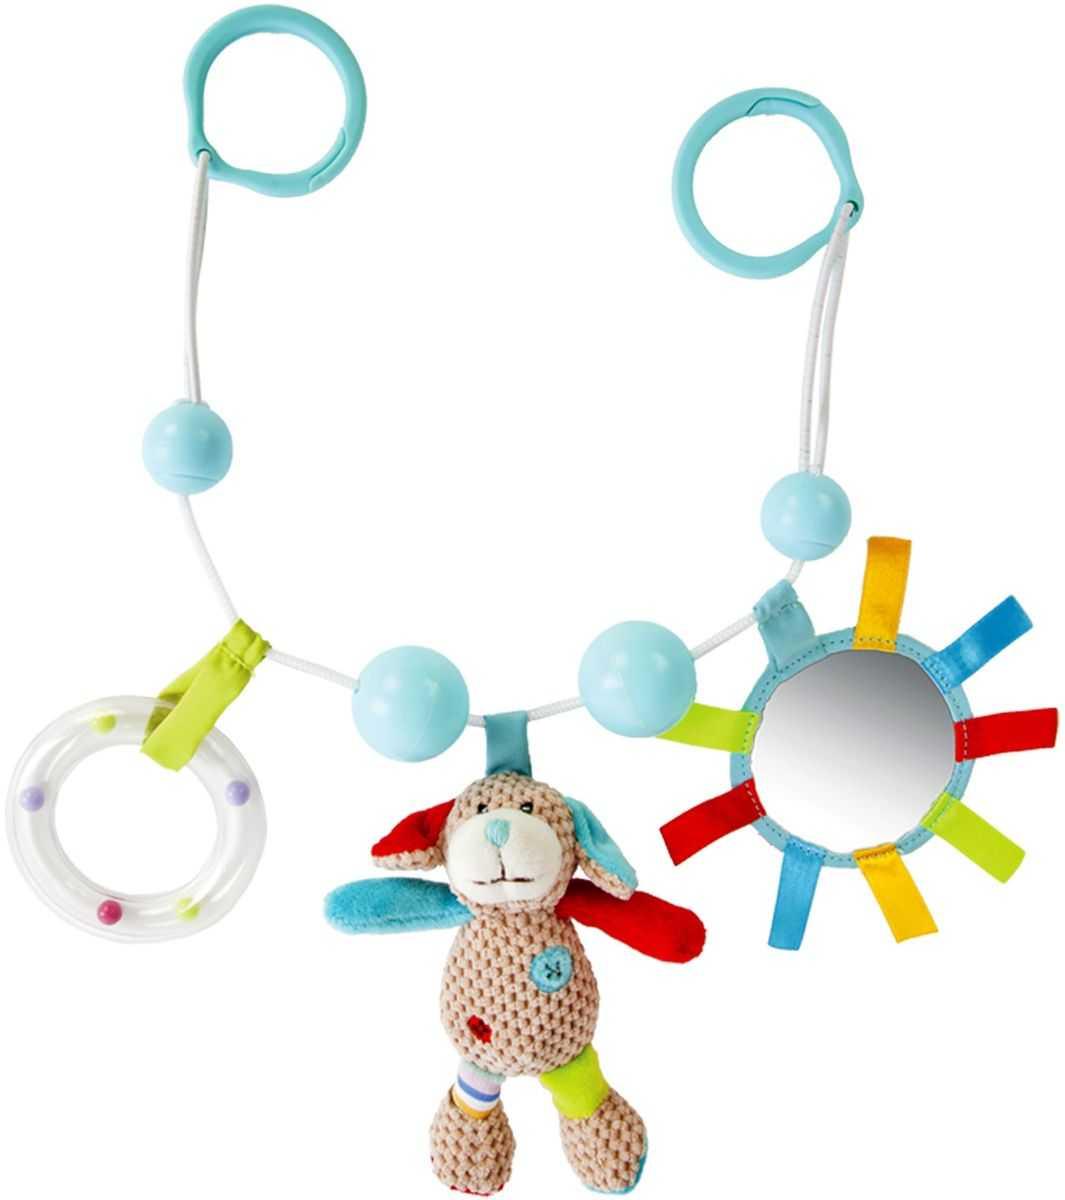 Погремушки для новорожденных, развивающие игрушки для младенцев, музыкальные дуги на кроватку, коляску или автокресло | интернет-магазин «особый малыш»